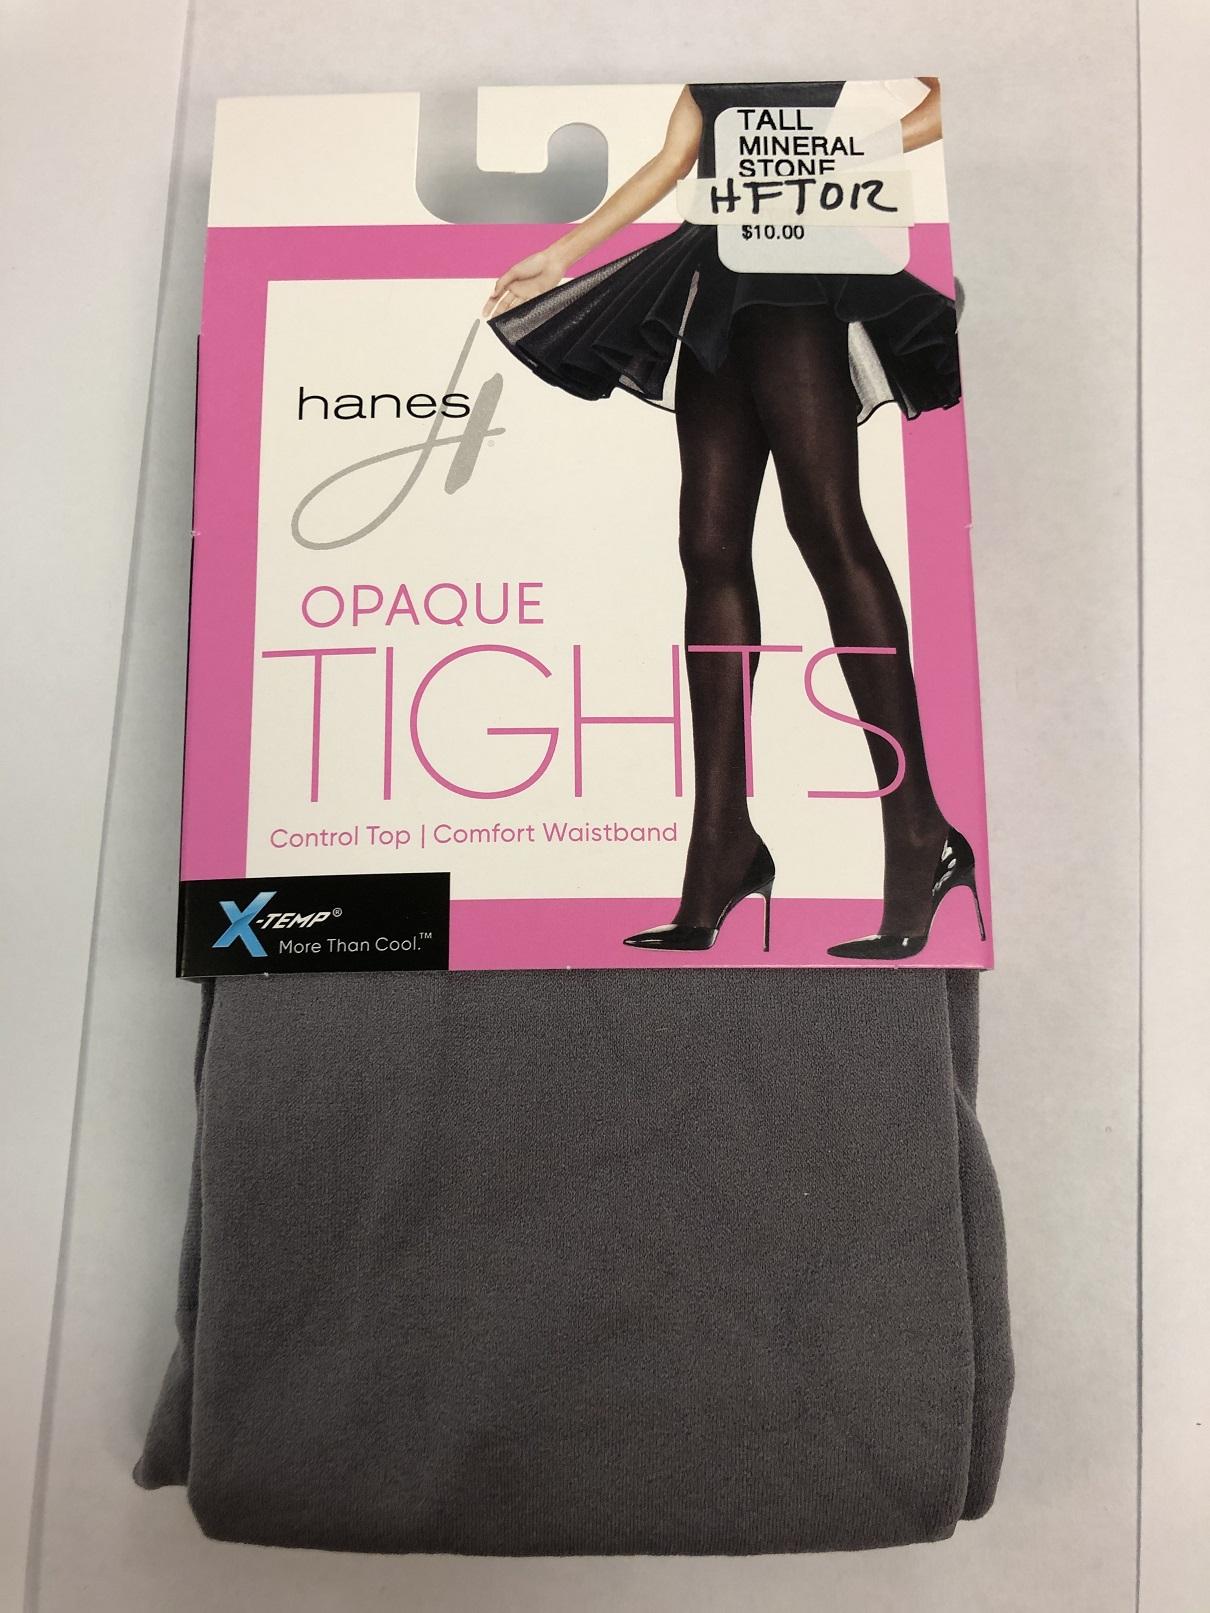 Hanes Opaque Control Top Xtemp Tights C/O /1 women Hanes-C/O